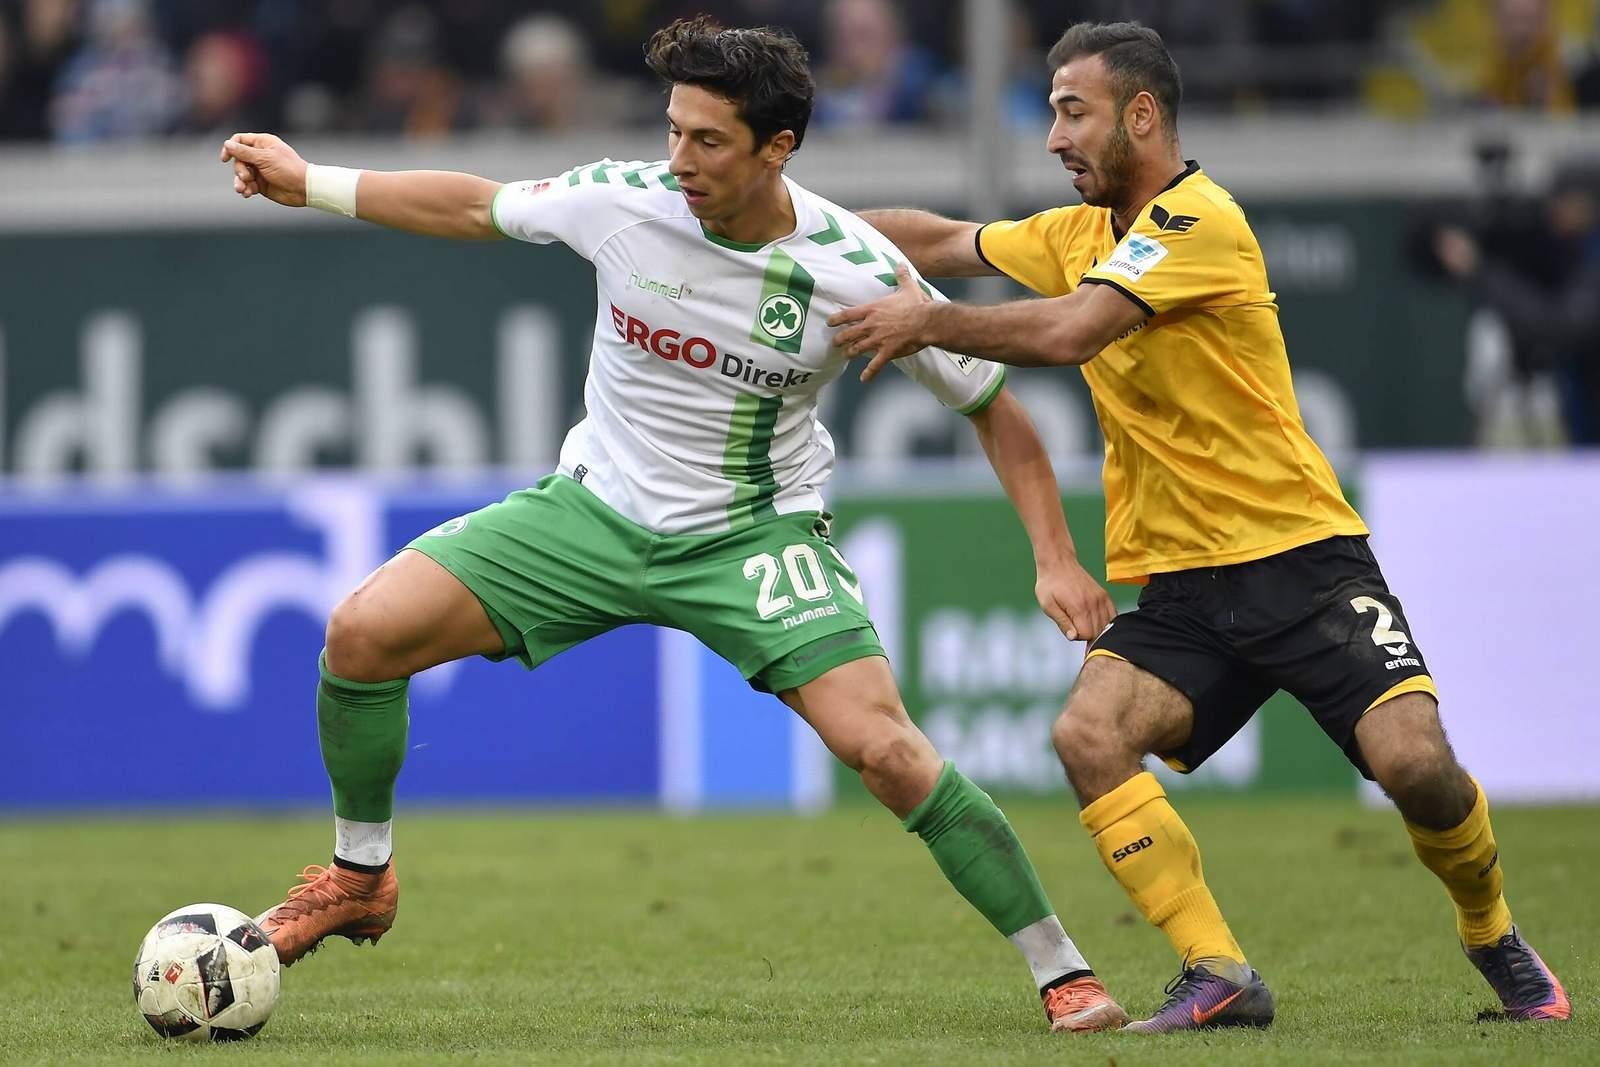 Setzt sich Zulj gegen Gogia durch? Jetzt auf Fürth gegen Dynamo Dresden wetten